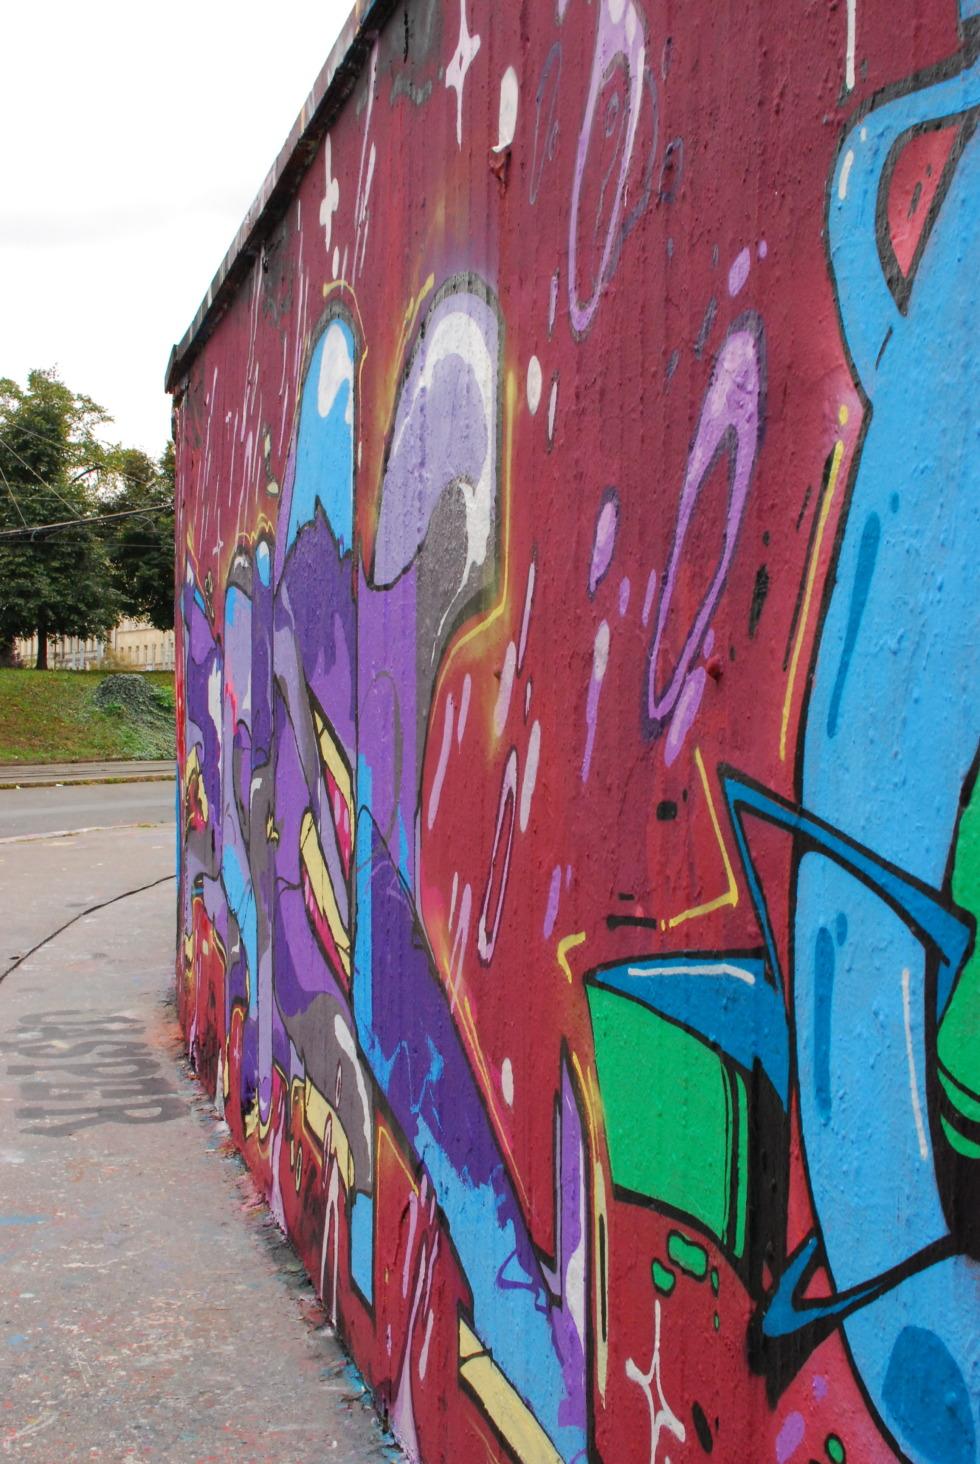 Legal graffiti in Prague